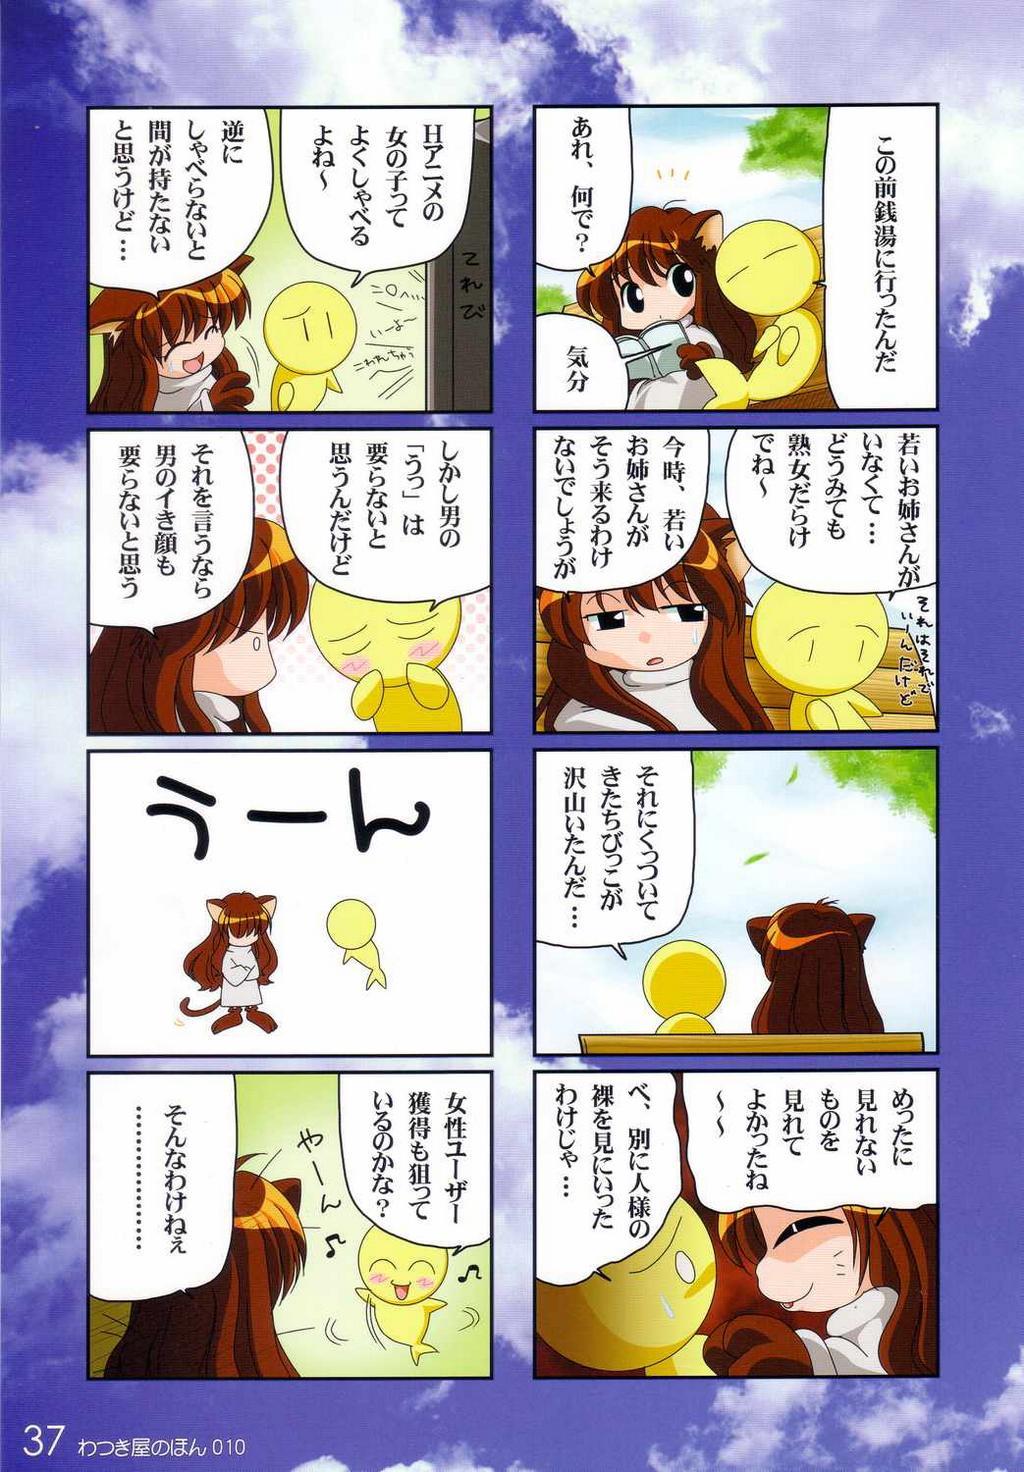 Watsukiya no Hon 010 35